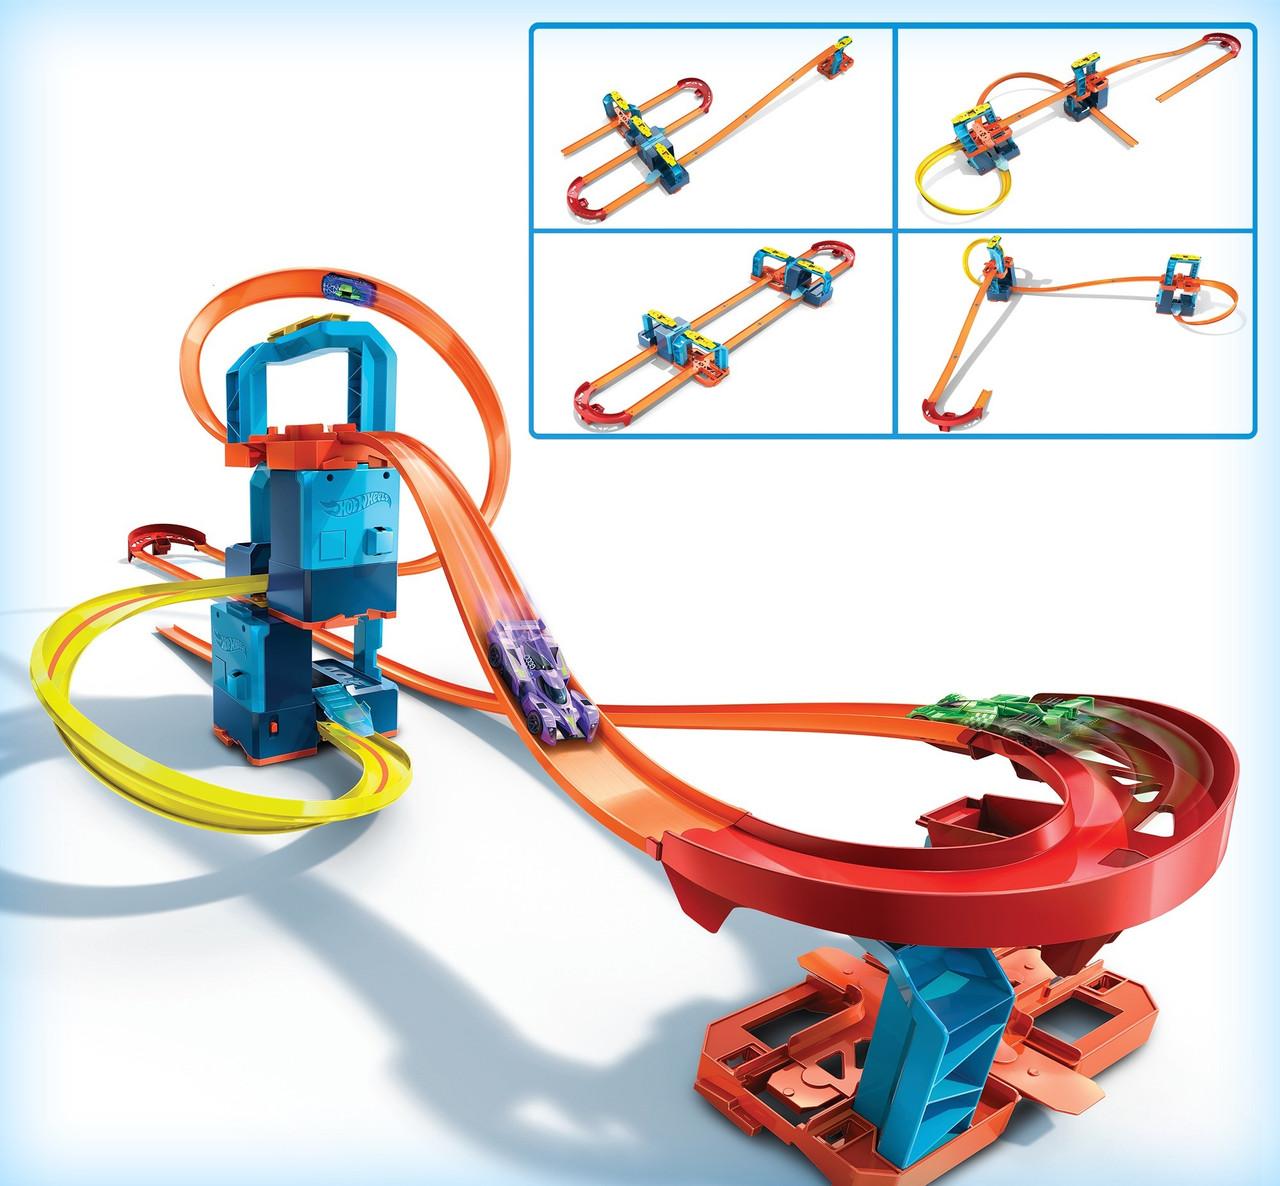 Трек Хот Вилс Комплект ультра ускорителей Hot Wheels Track Builder Unlimited Ultra Stackable